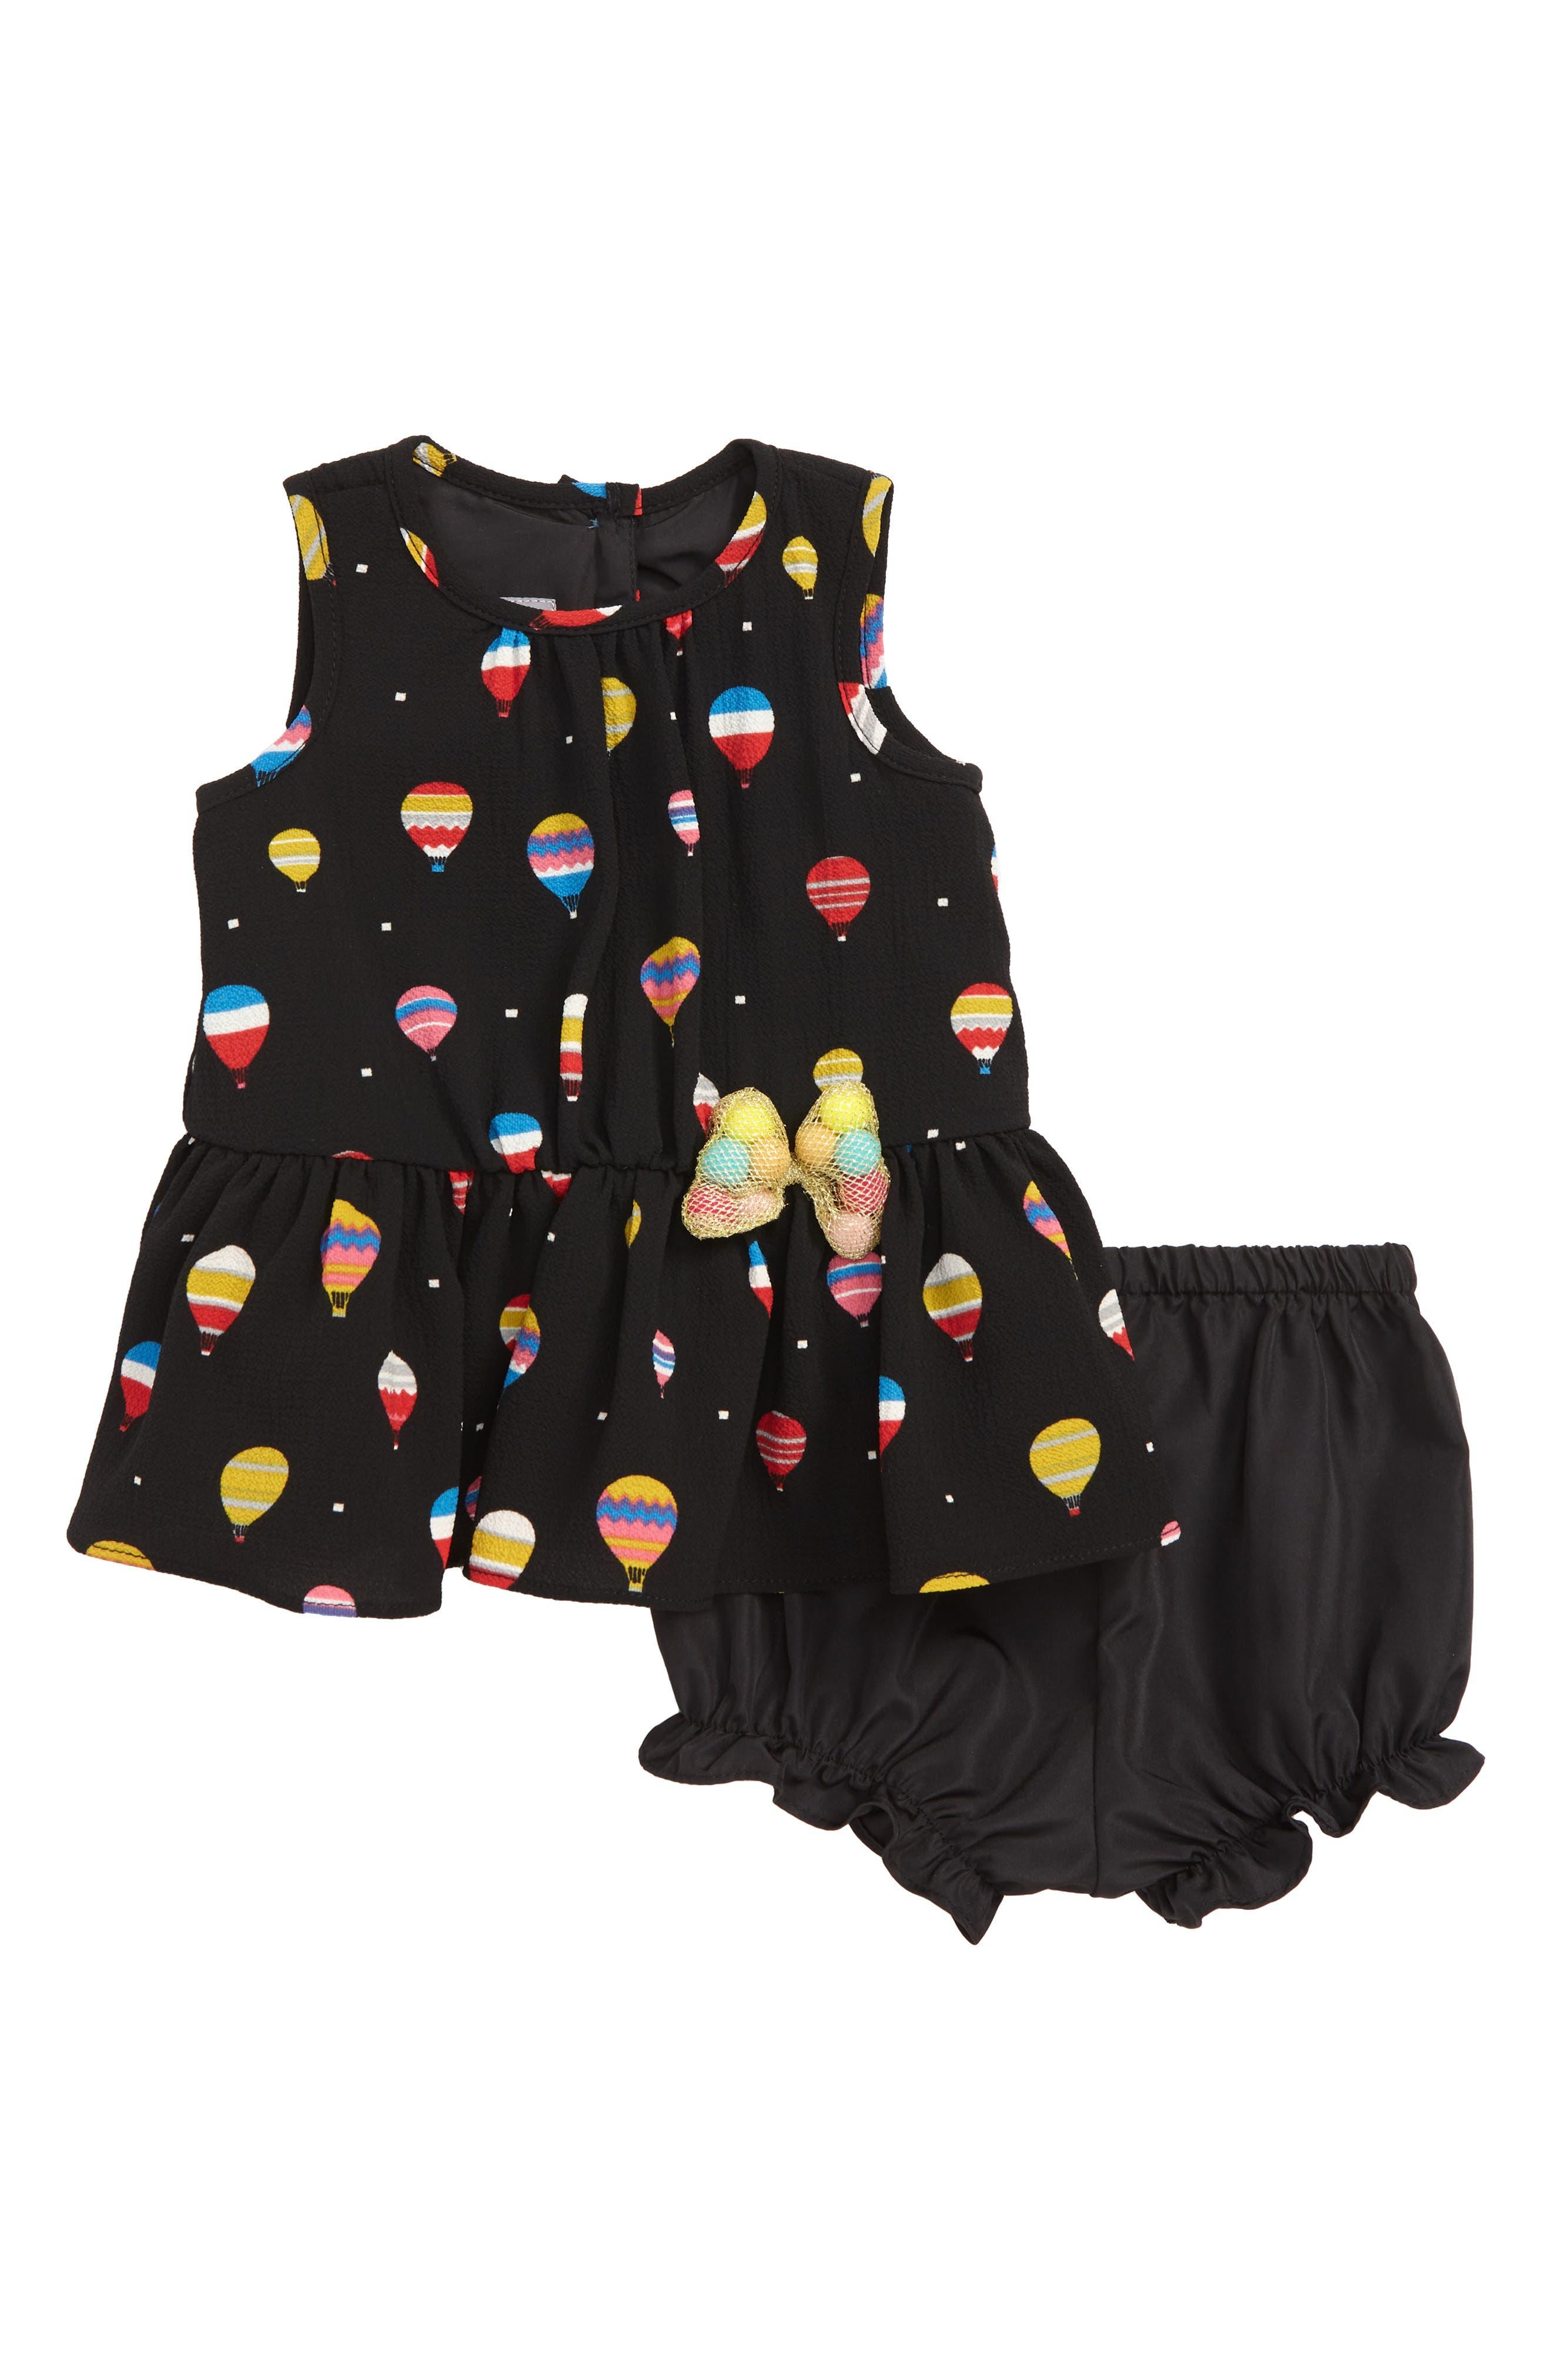 Hot Air Balloon Dress,                             Main thumbnail 1, color,                             001